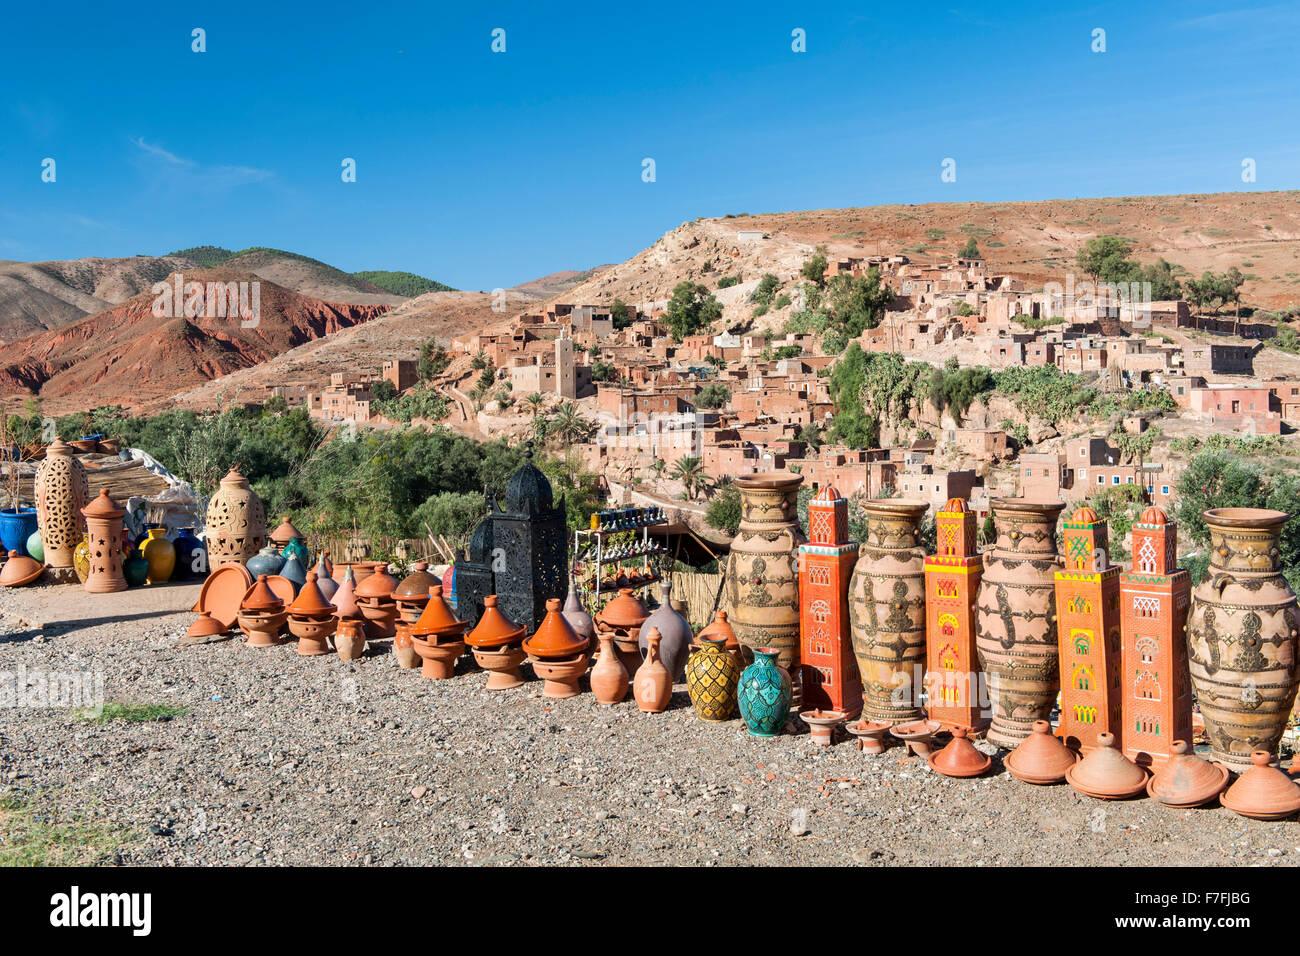 Ceramica e la curiosità per la vendita nei pressi di Asni villaggio nelle montagne del Marocco. Immagini Stock